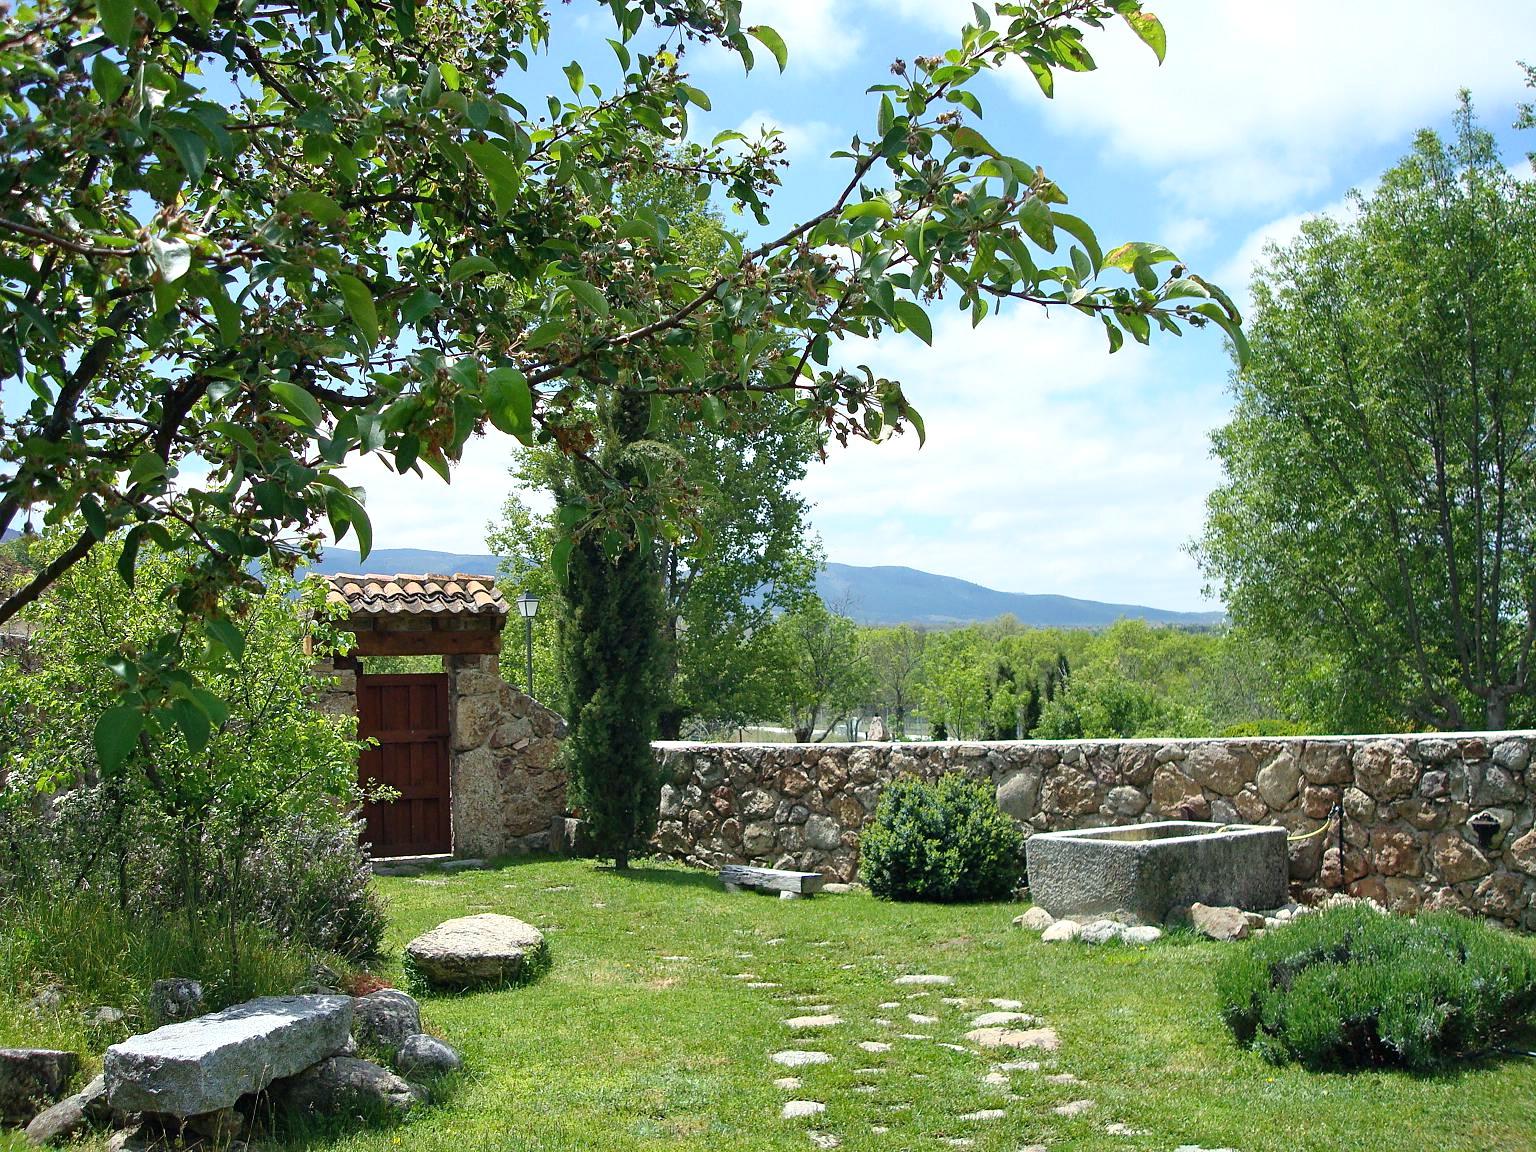 Saltus alvus casa rural segovia for Casa y jardin bazaar 2013